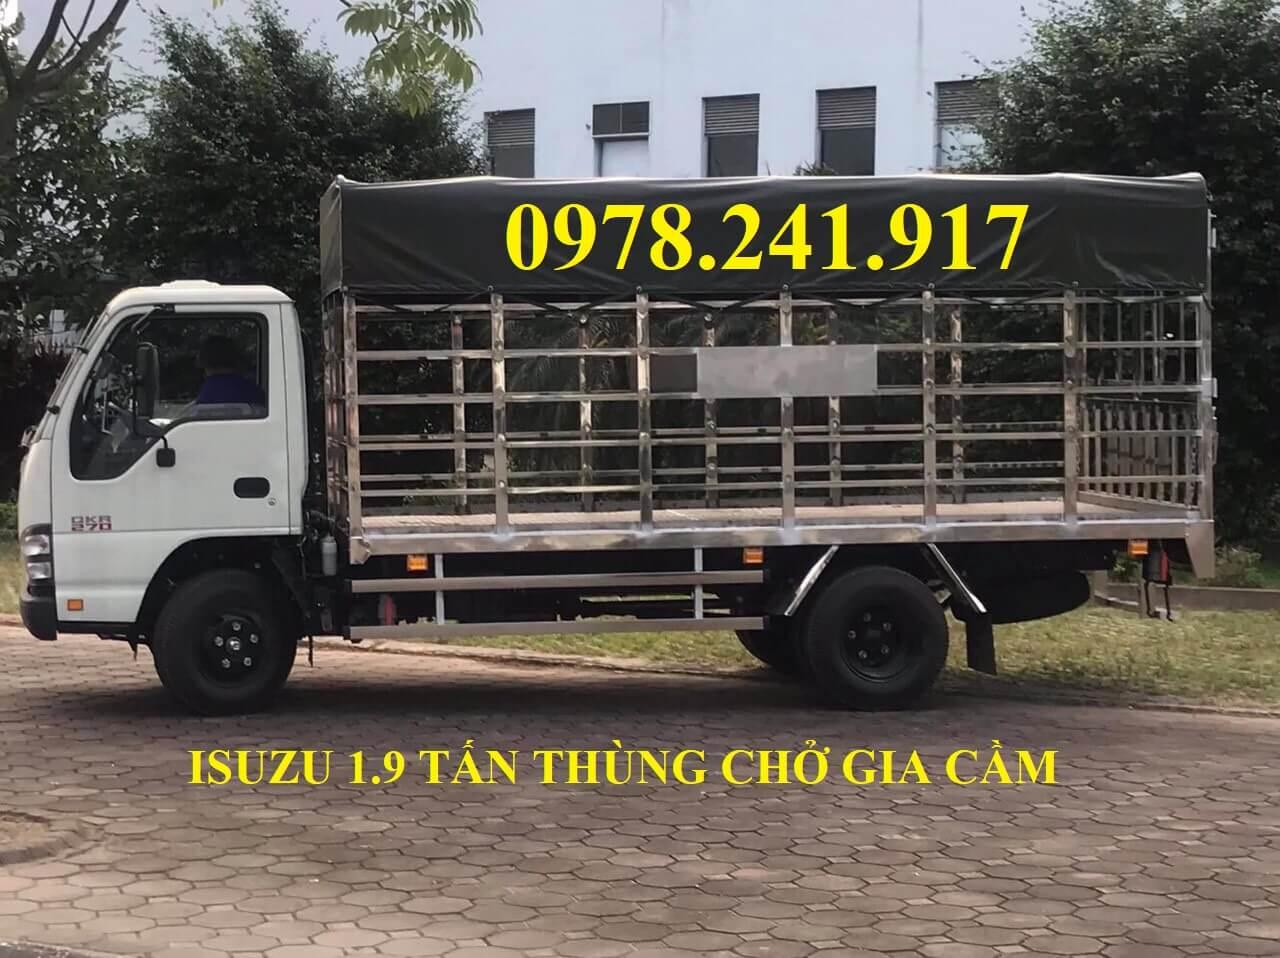 xe tải isuzu 1.9 tấn thùng chở gia cầm